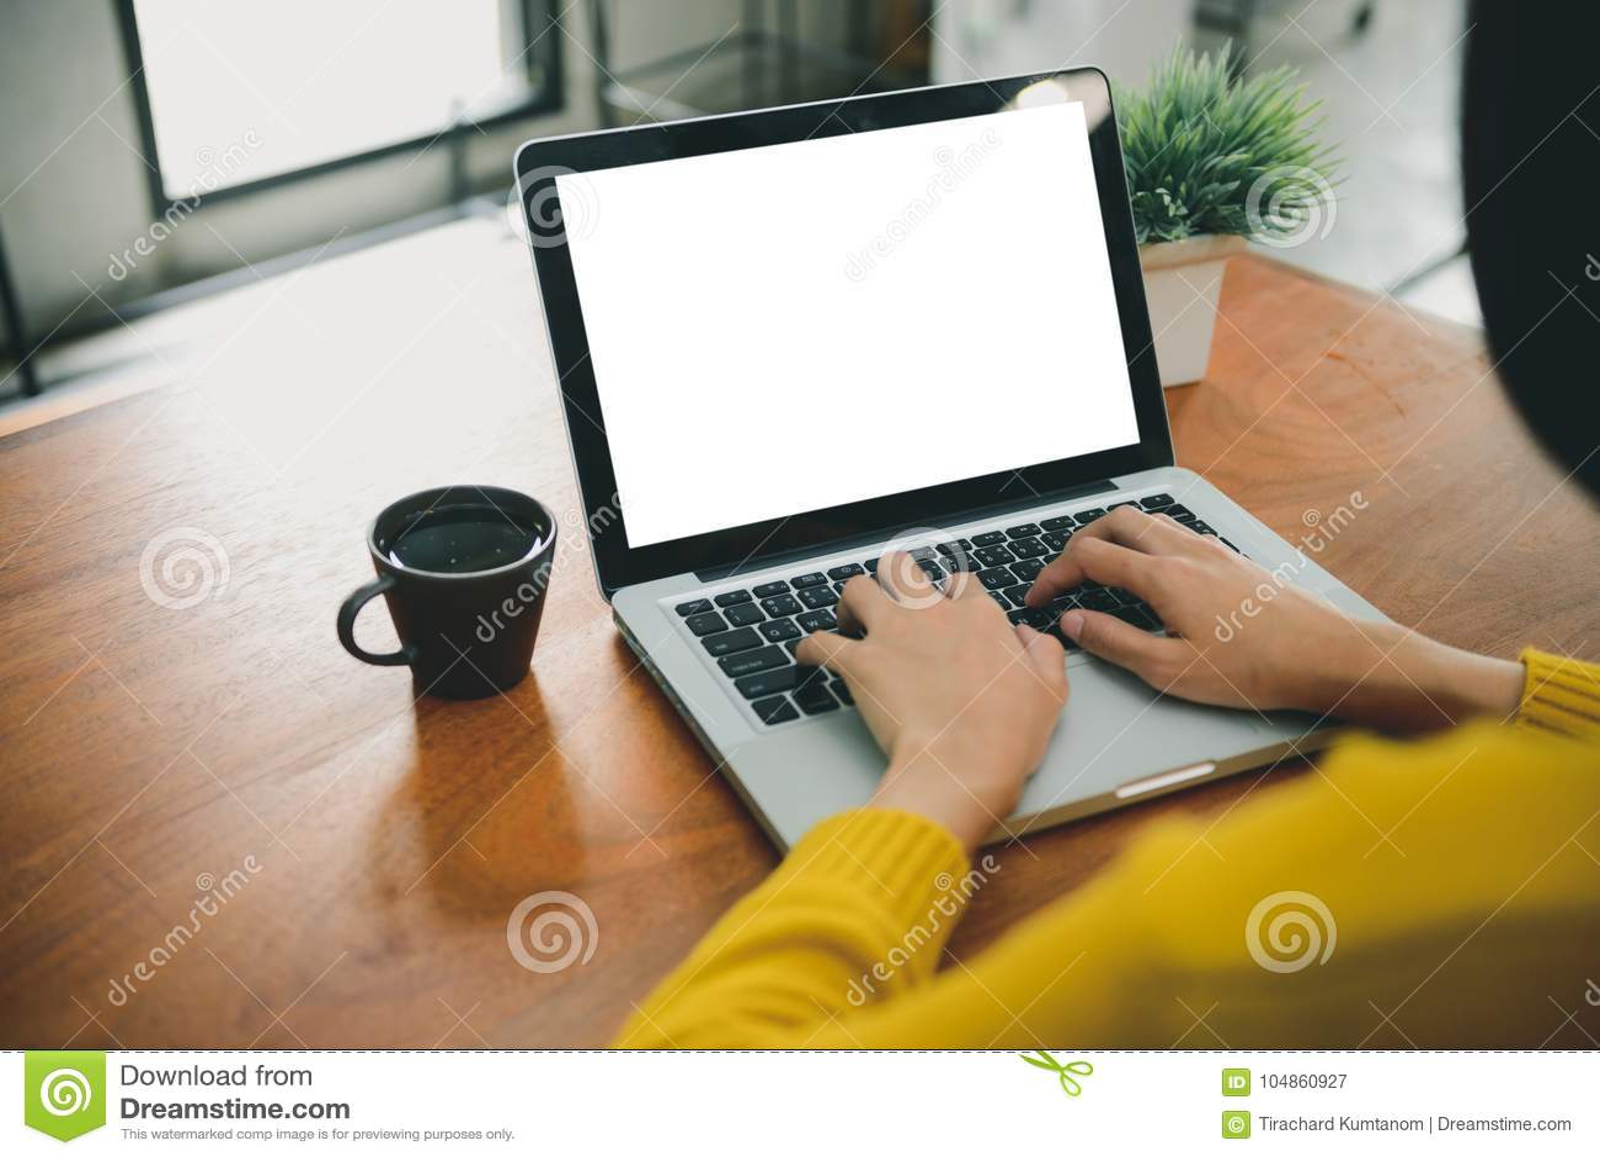 Ψηφιακός τρόπος ζωής που λειτουργεί έξω από το γραφείο Η γυναίκα δίνει το φορητό προσωπικό υπολογιστή δακτυλογράφησης με την κενή